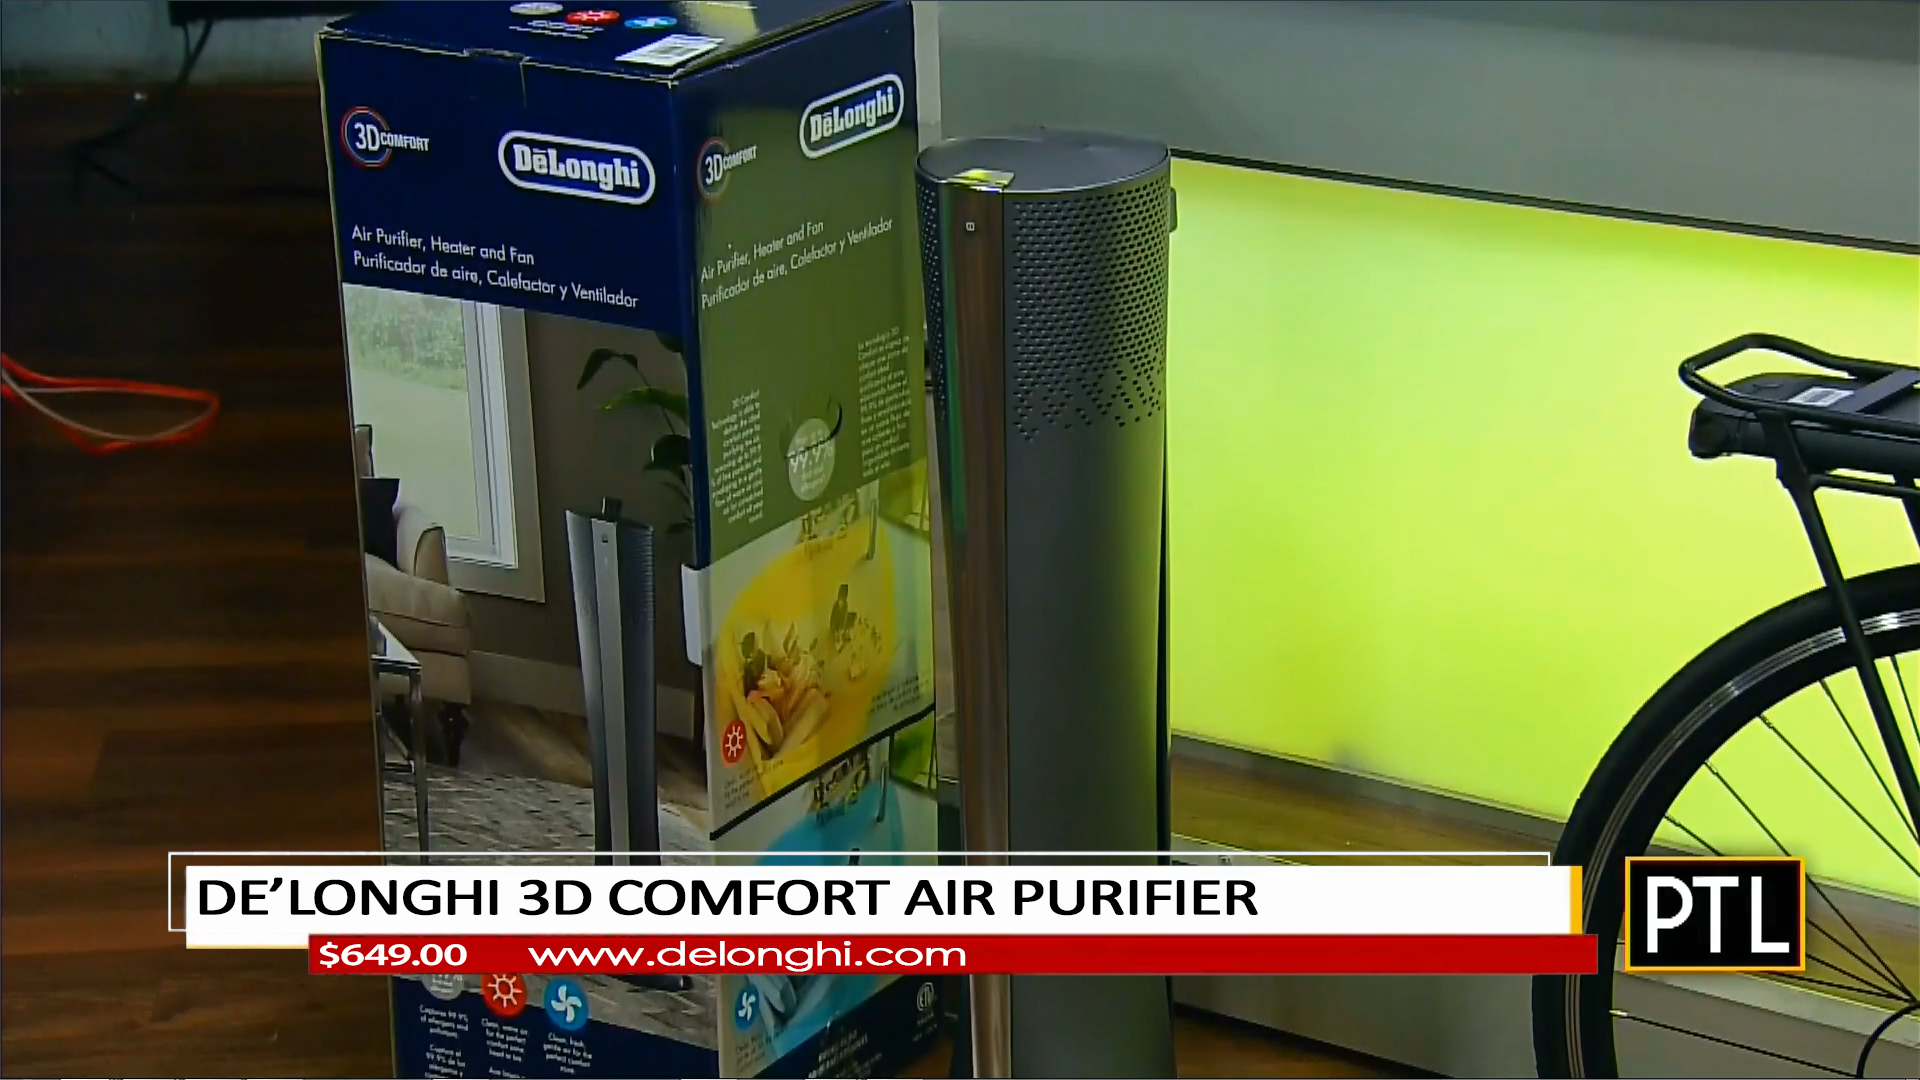 DE'LONGHI 3D COMFORT AIR PURIFIER - $649.00Shop Now